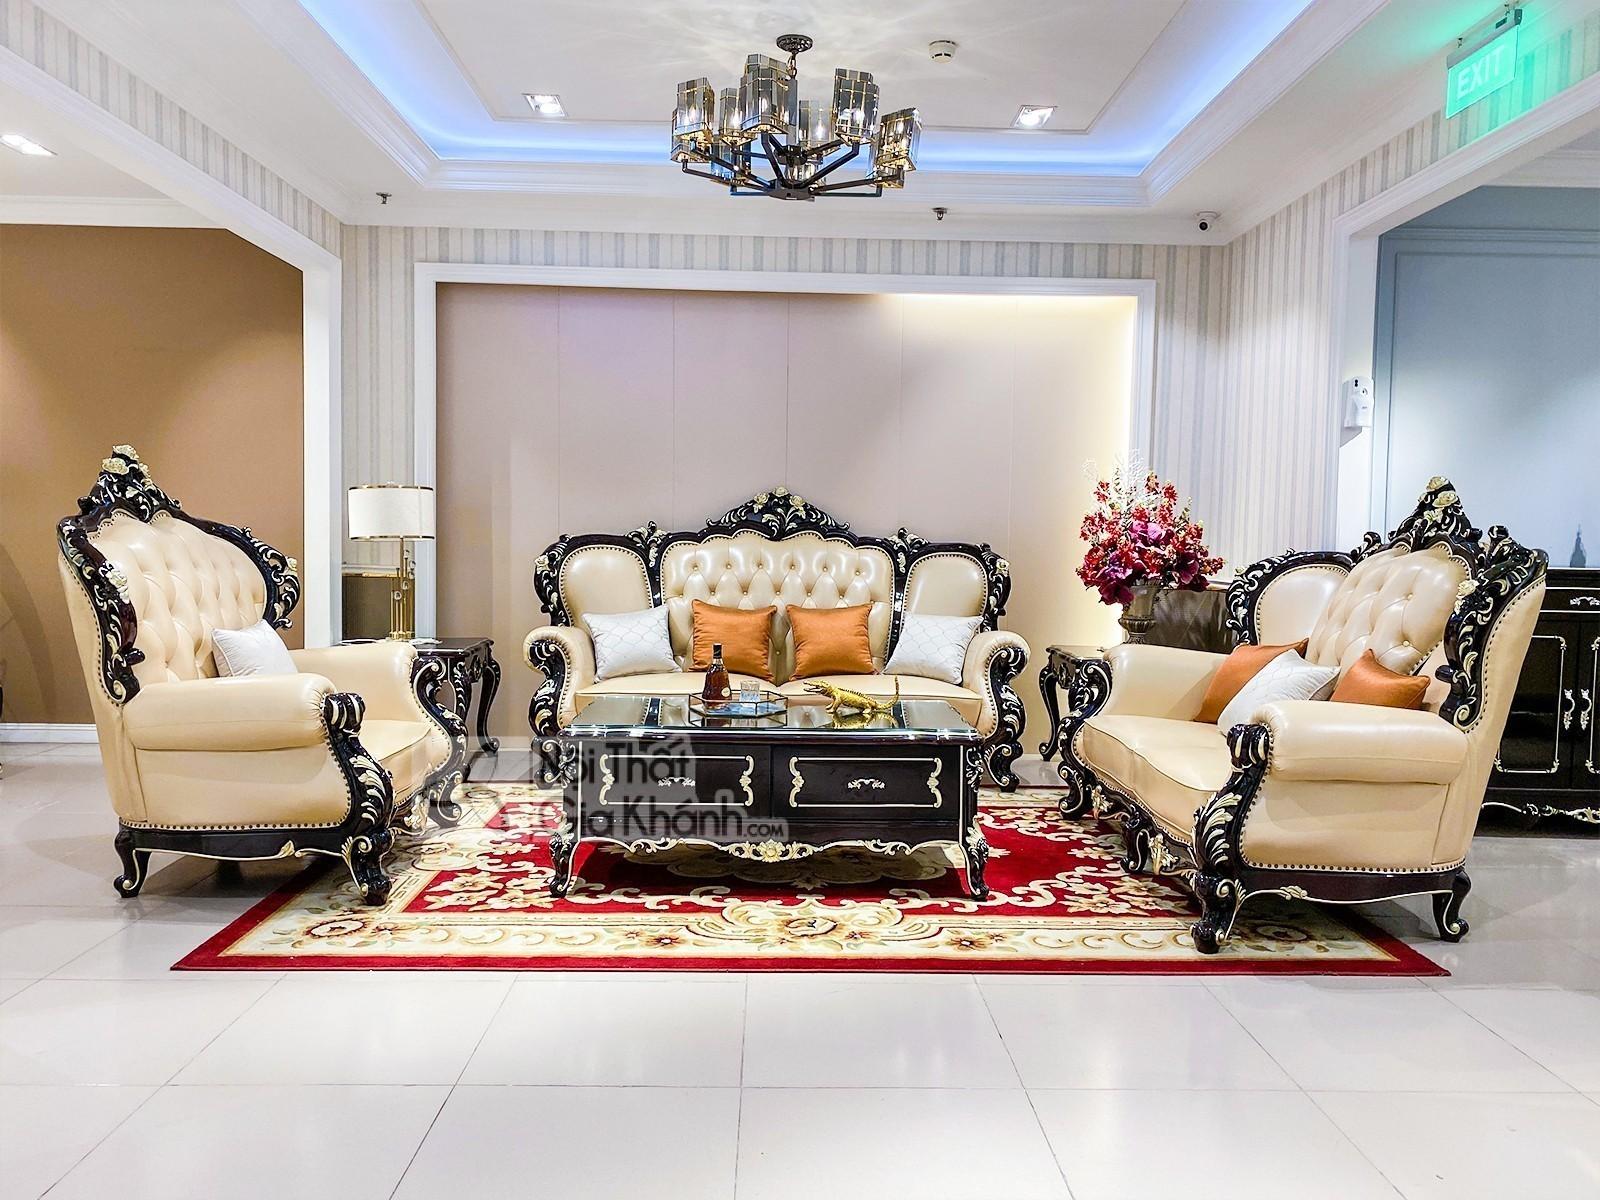 Bộ sofa da thật nhập khẩu phong cách cổ điển hoàng gia SB955G-123